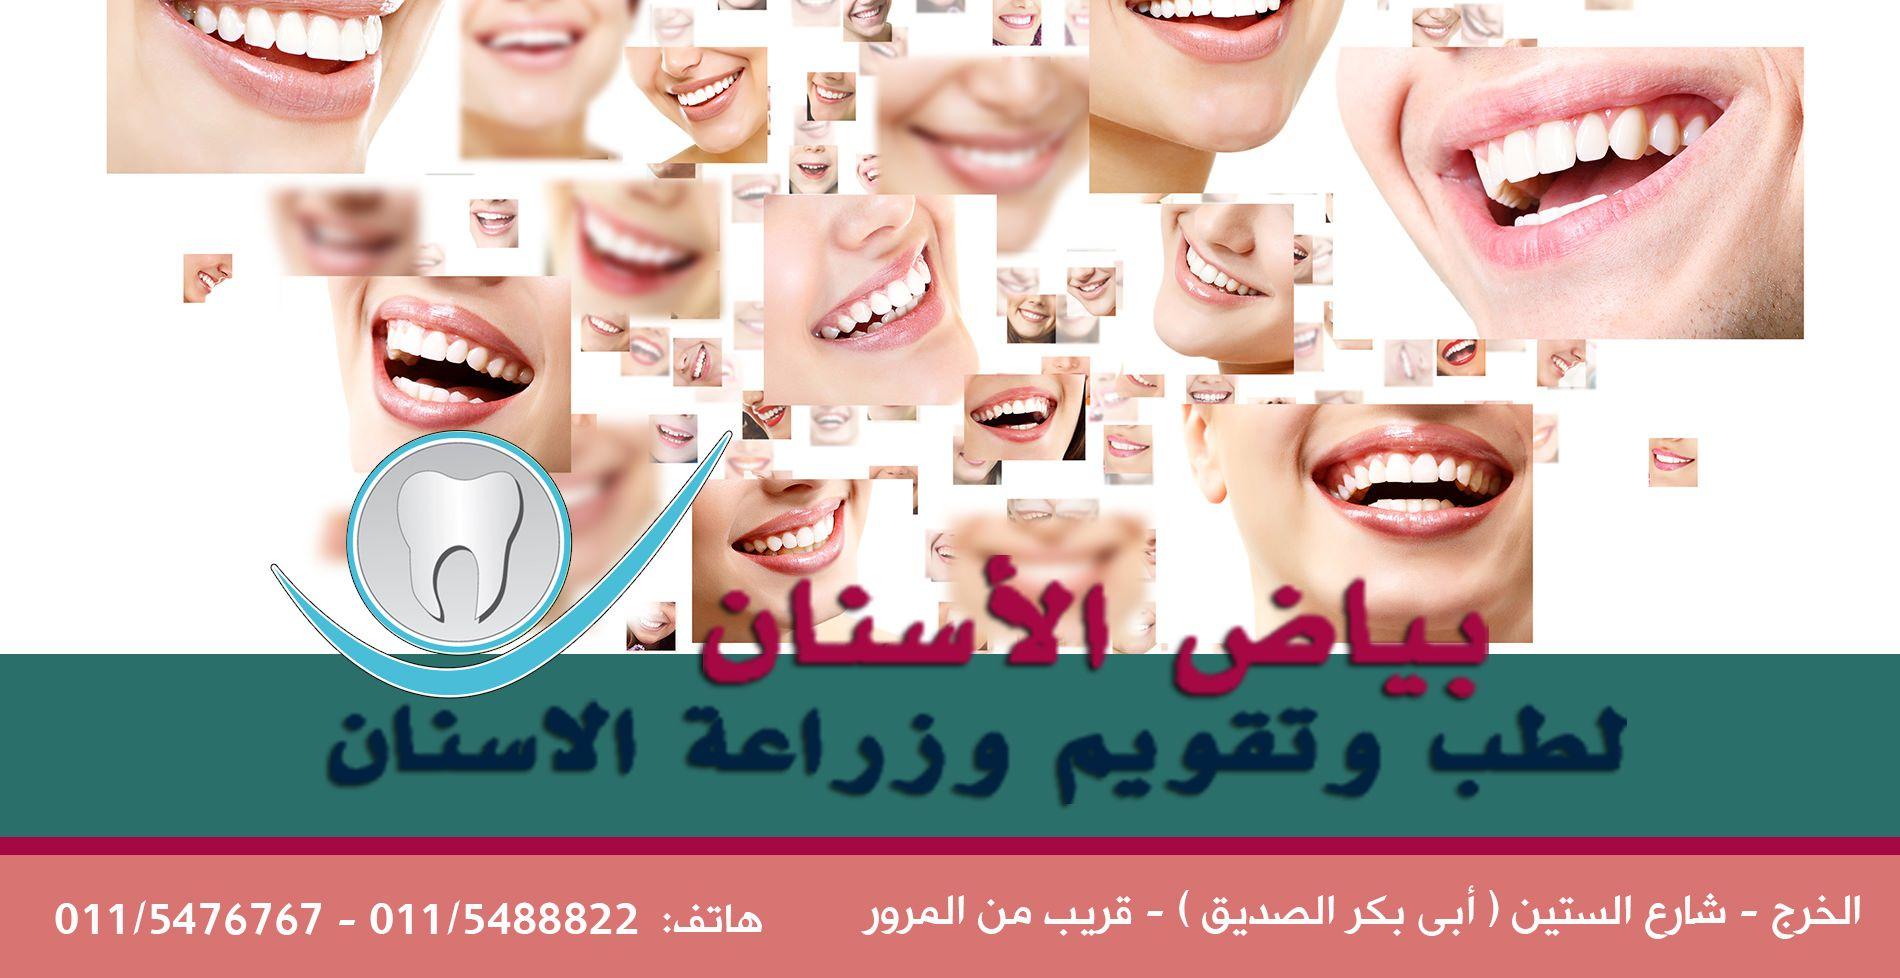 قوموا باختيار فرشاة اسنان مريحة لكم عادة من اجل الوصول الى تنظيف فعال تكفي فرشاة اسنان بسيطة ذات الياف مستقيمة مركز بياض الاسنا Movie Posters Movies Art